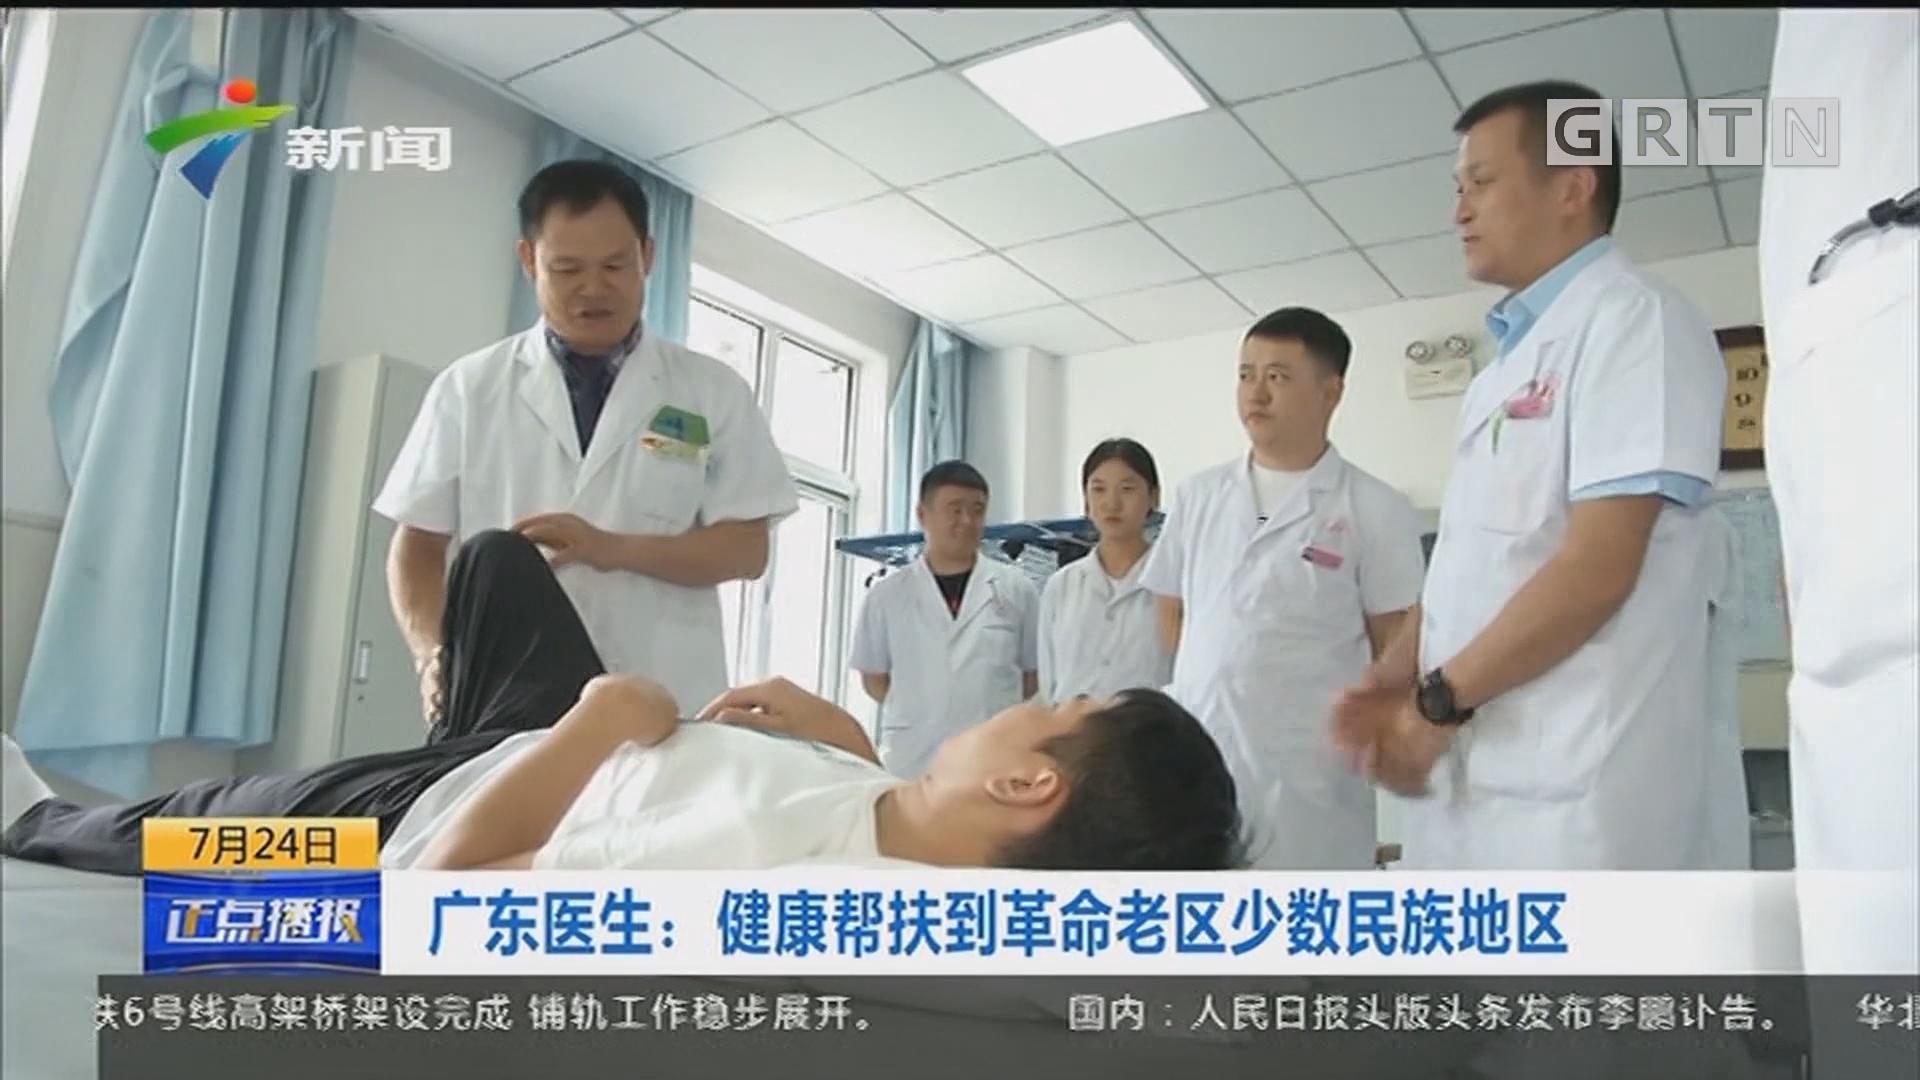 广东医生:健康帮扶到革命老区少数民族地区